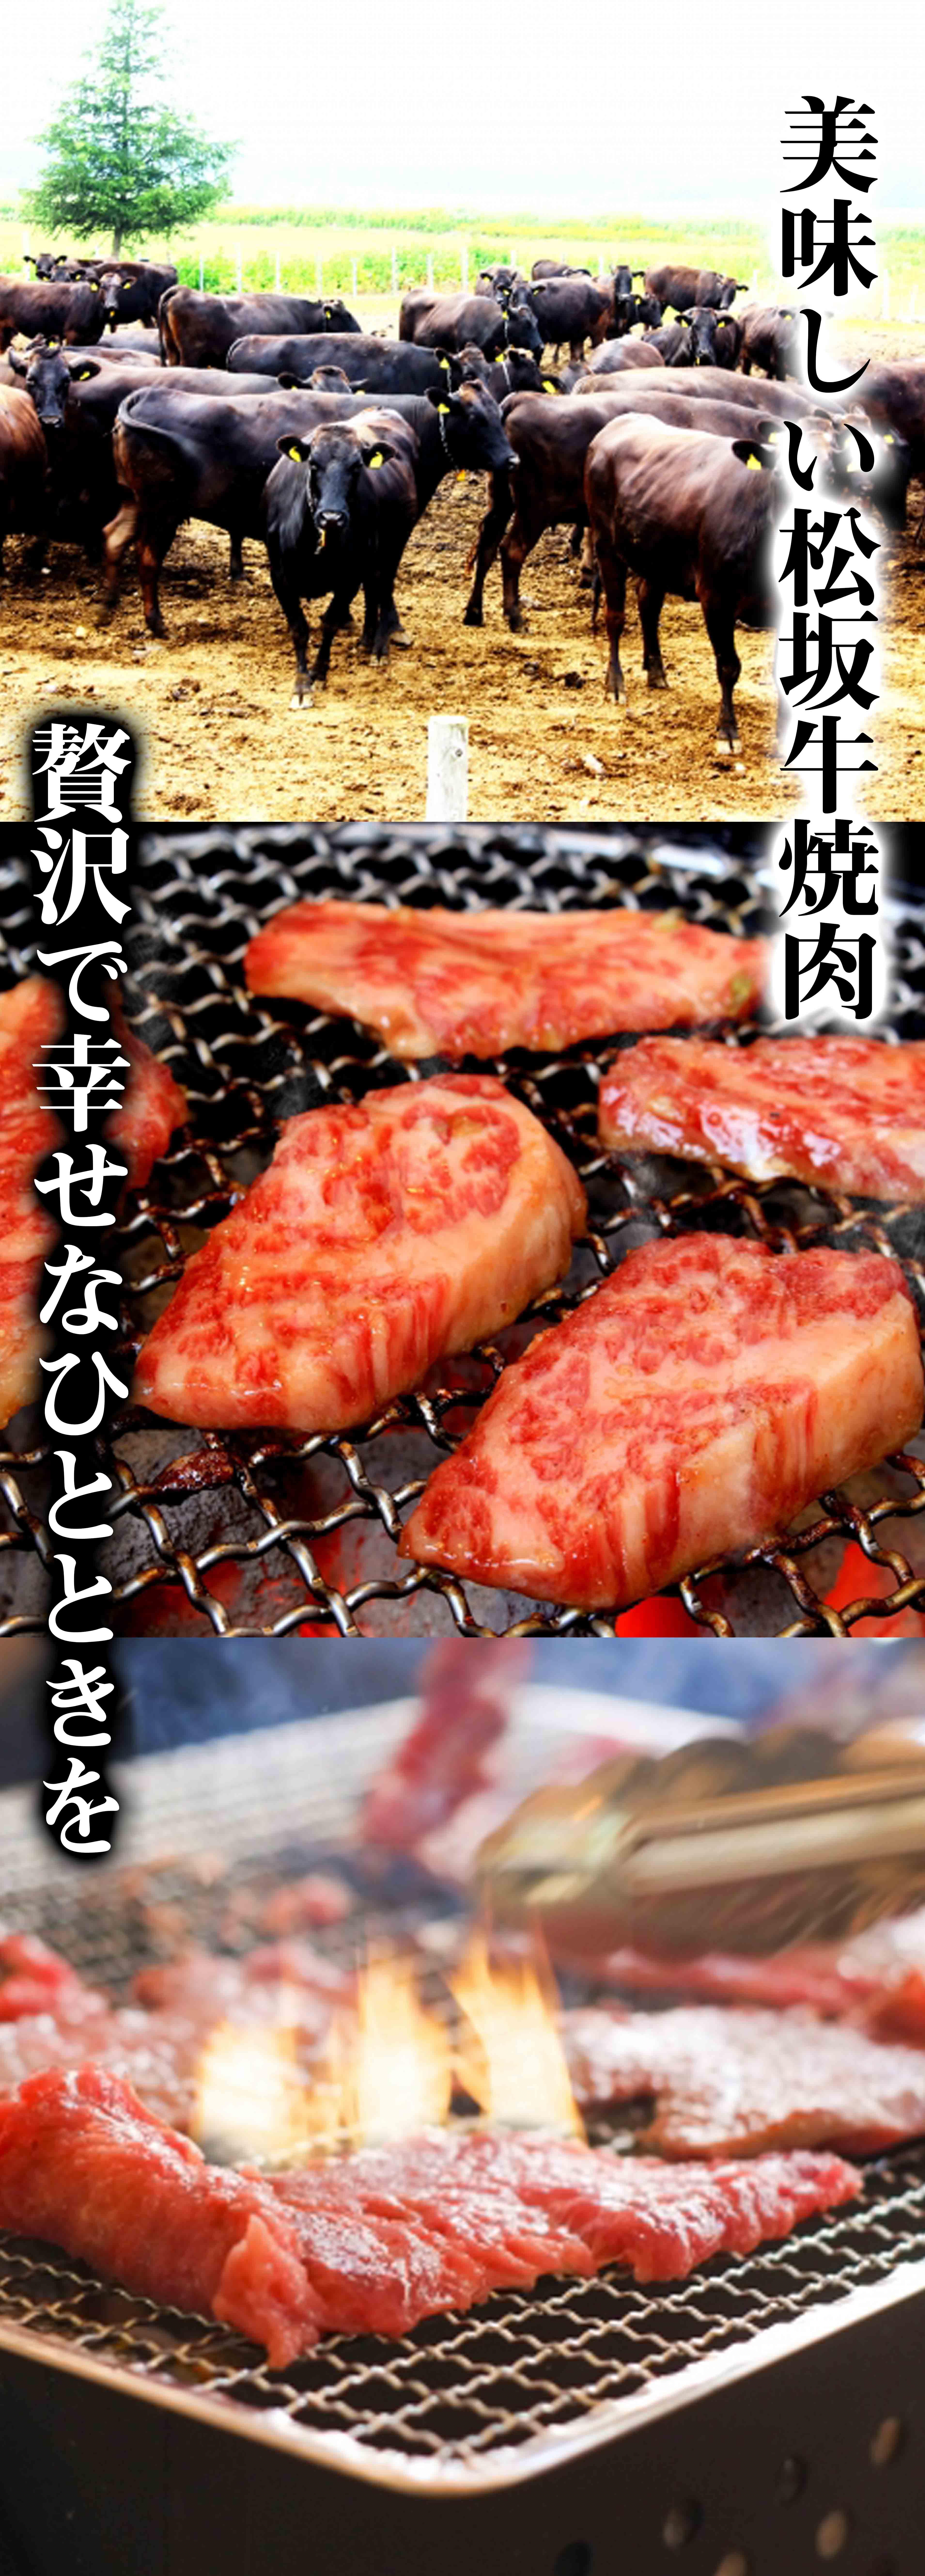 松坂牛焼肉